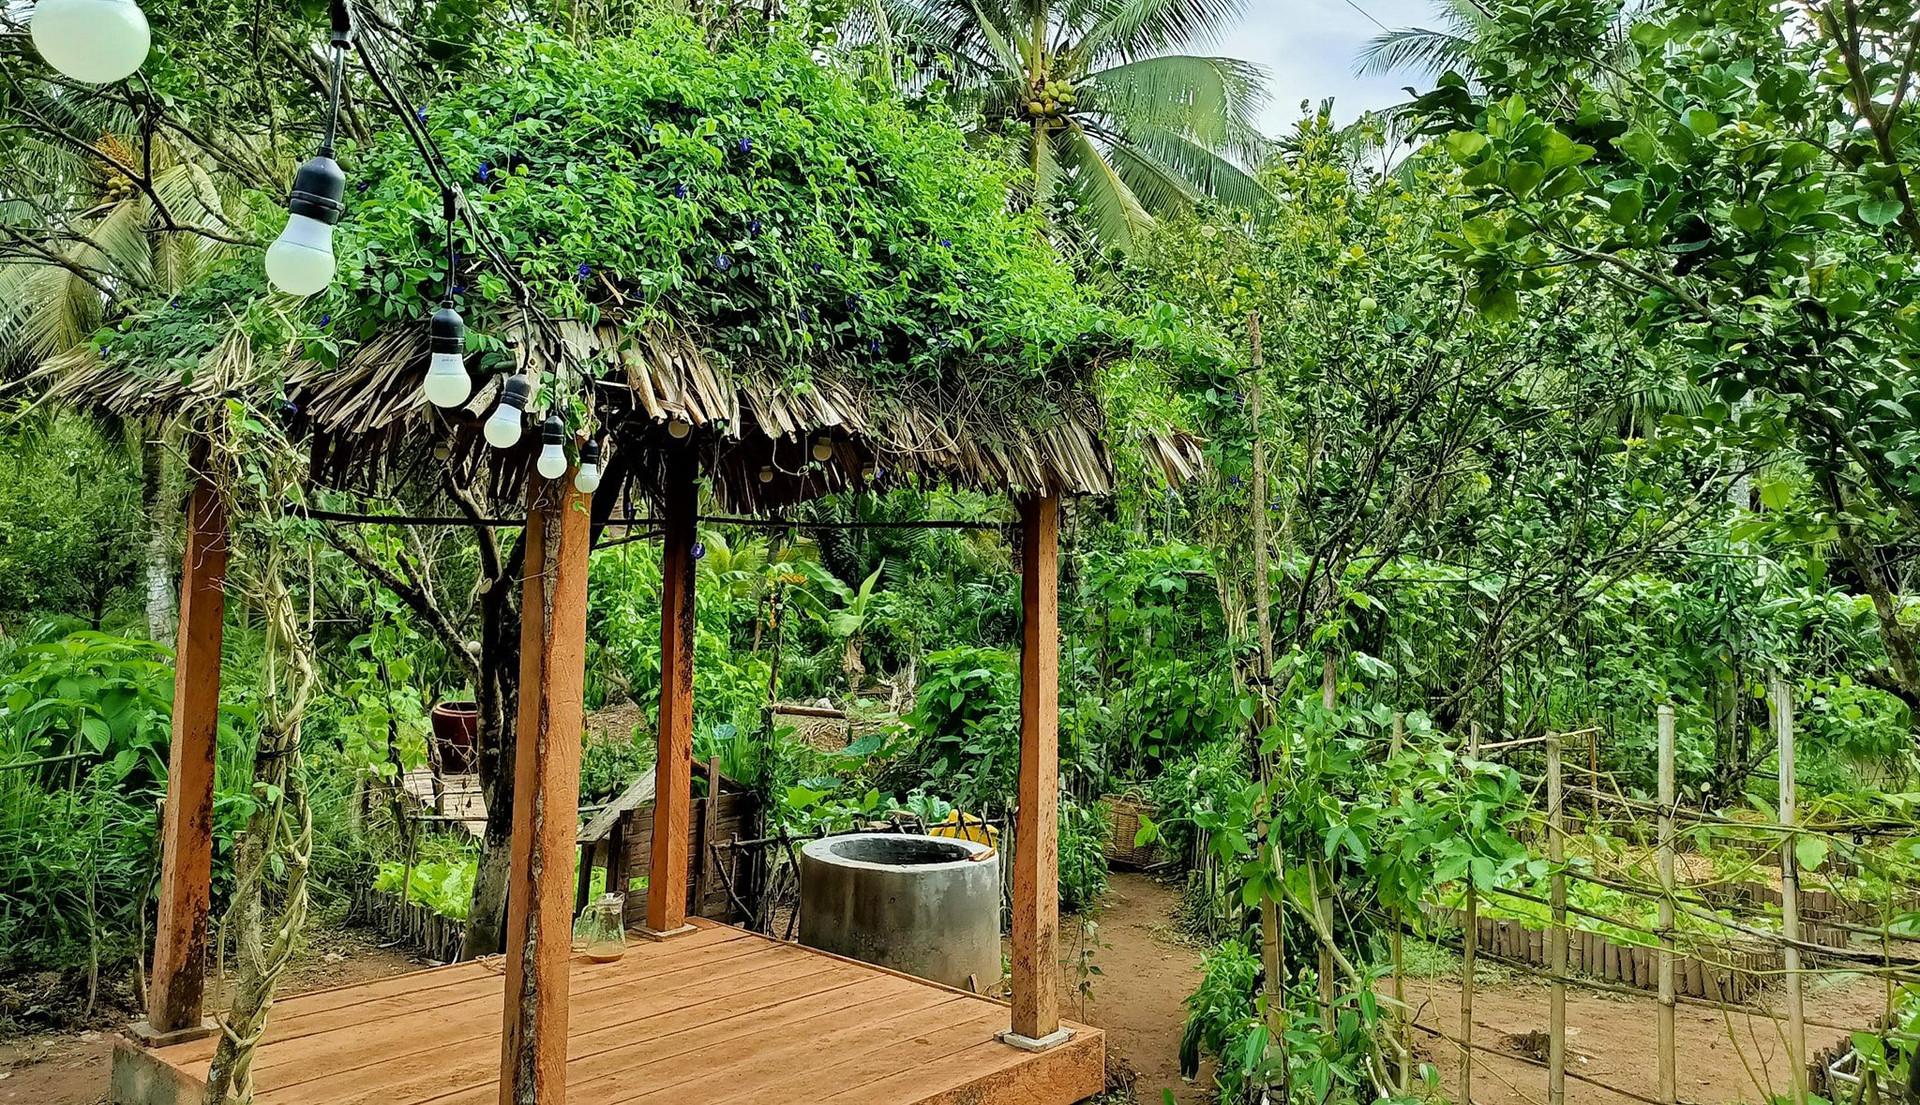 Bỏ phố về quê, cặp vợ chồng Bến Tre làm khu vườn 500m2 tràn ngập rau trái - 3